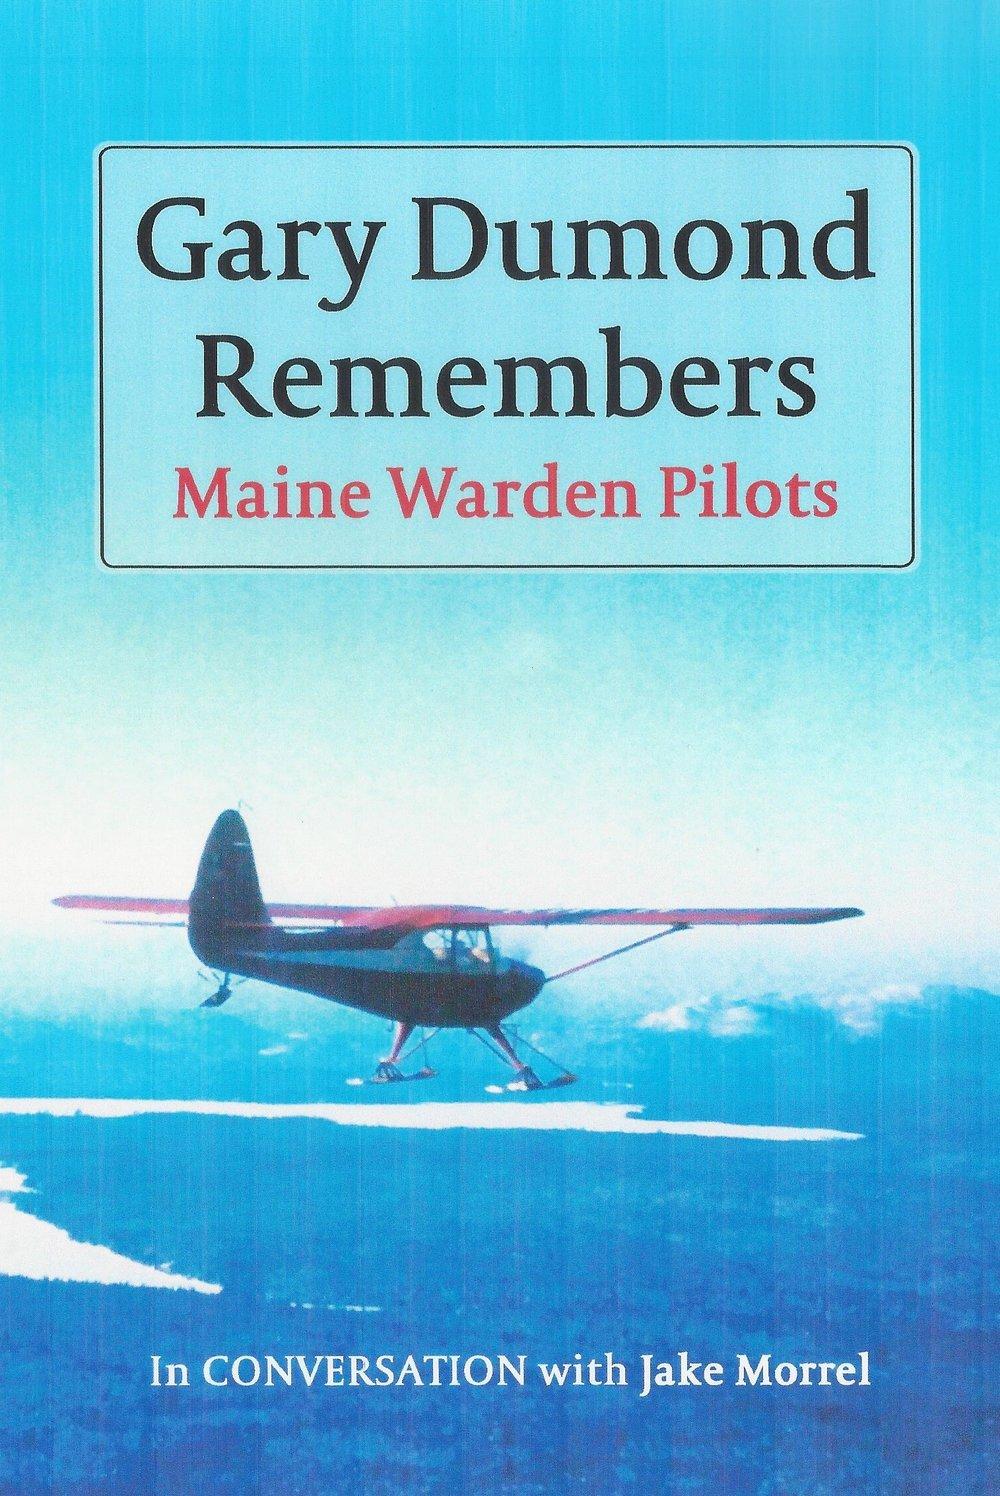 Gary Dumond Maine Warden Pilots